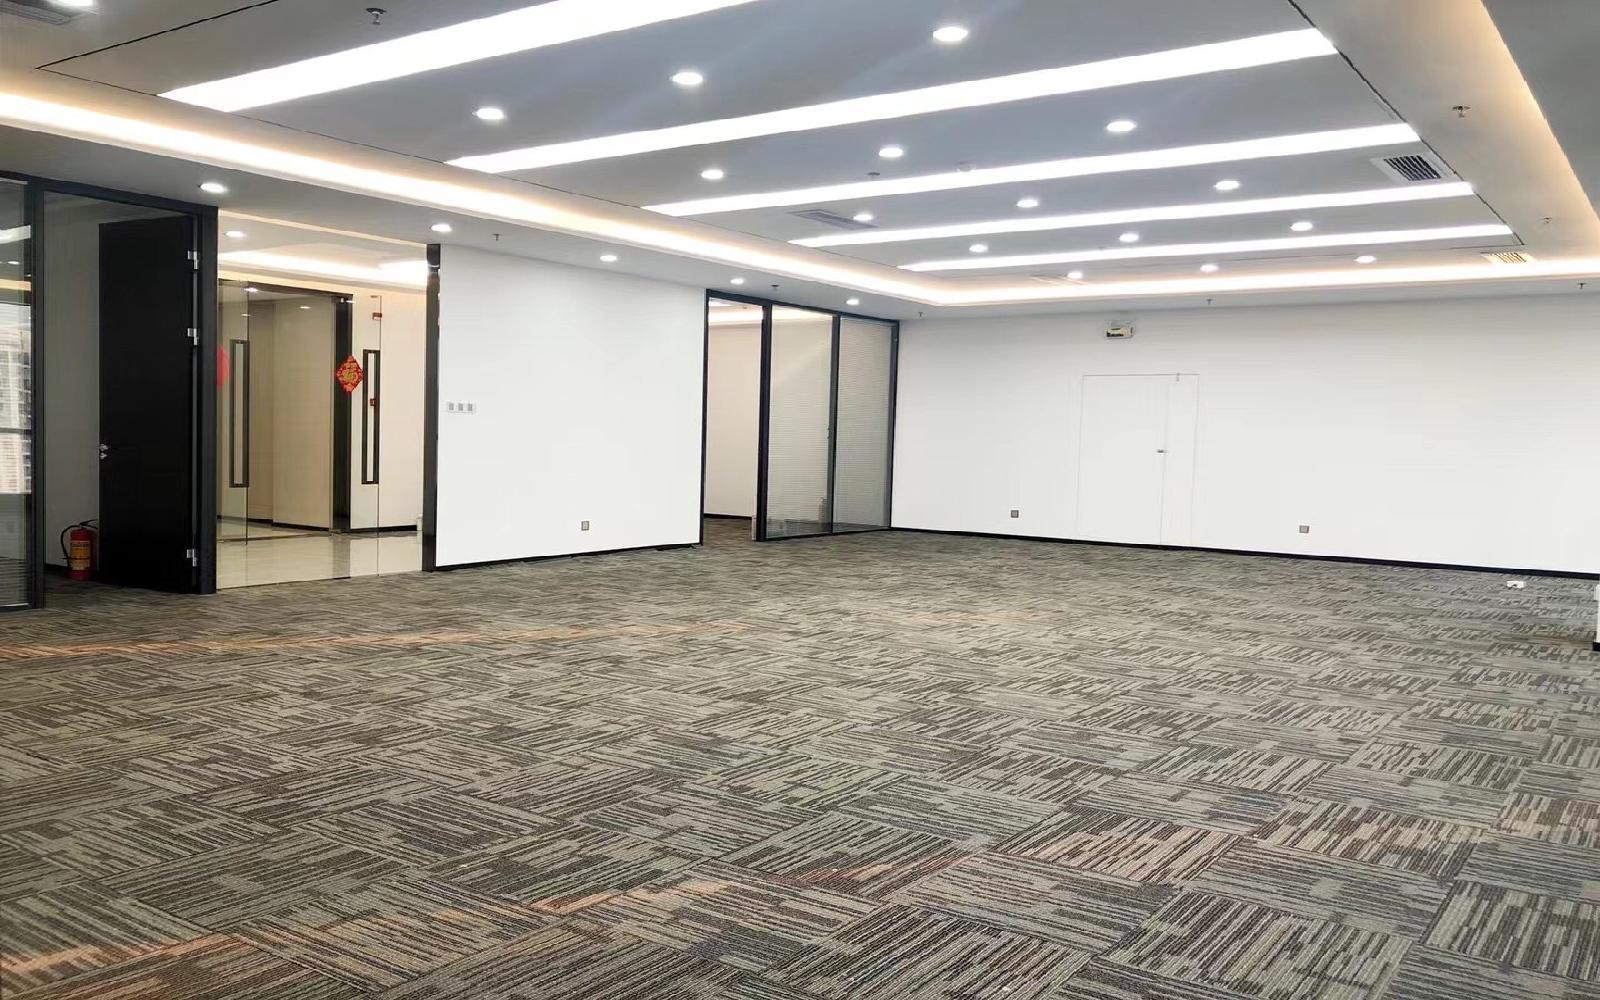 南山-科技园 西北工业大学三航科技大厦 590m²